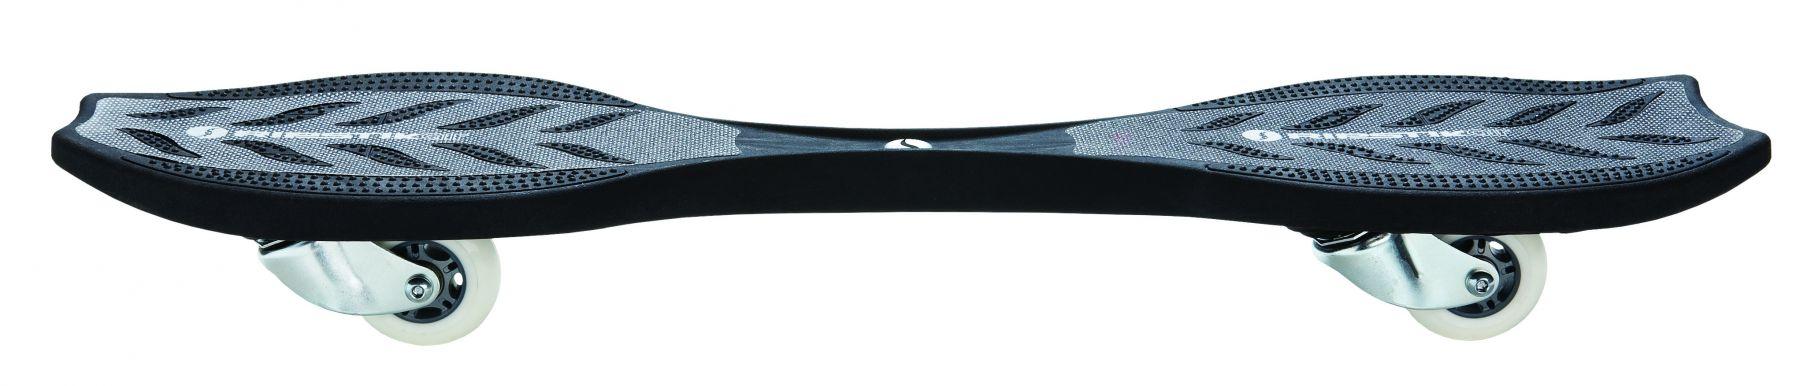 Роллерсерф Razor RipStik Air Pro купить в москве